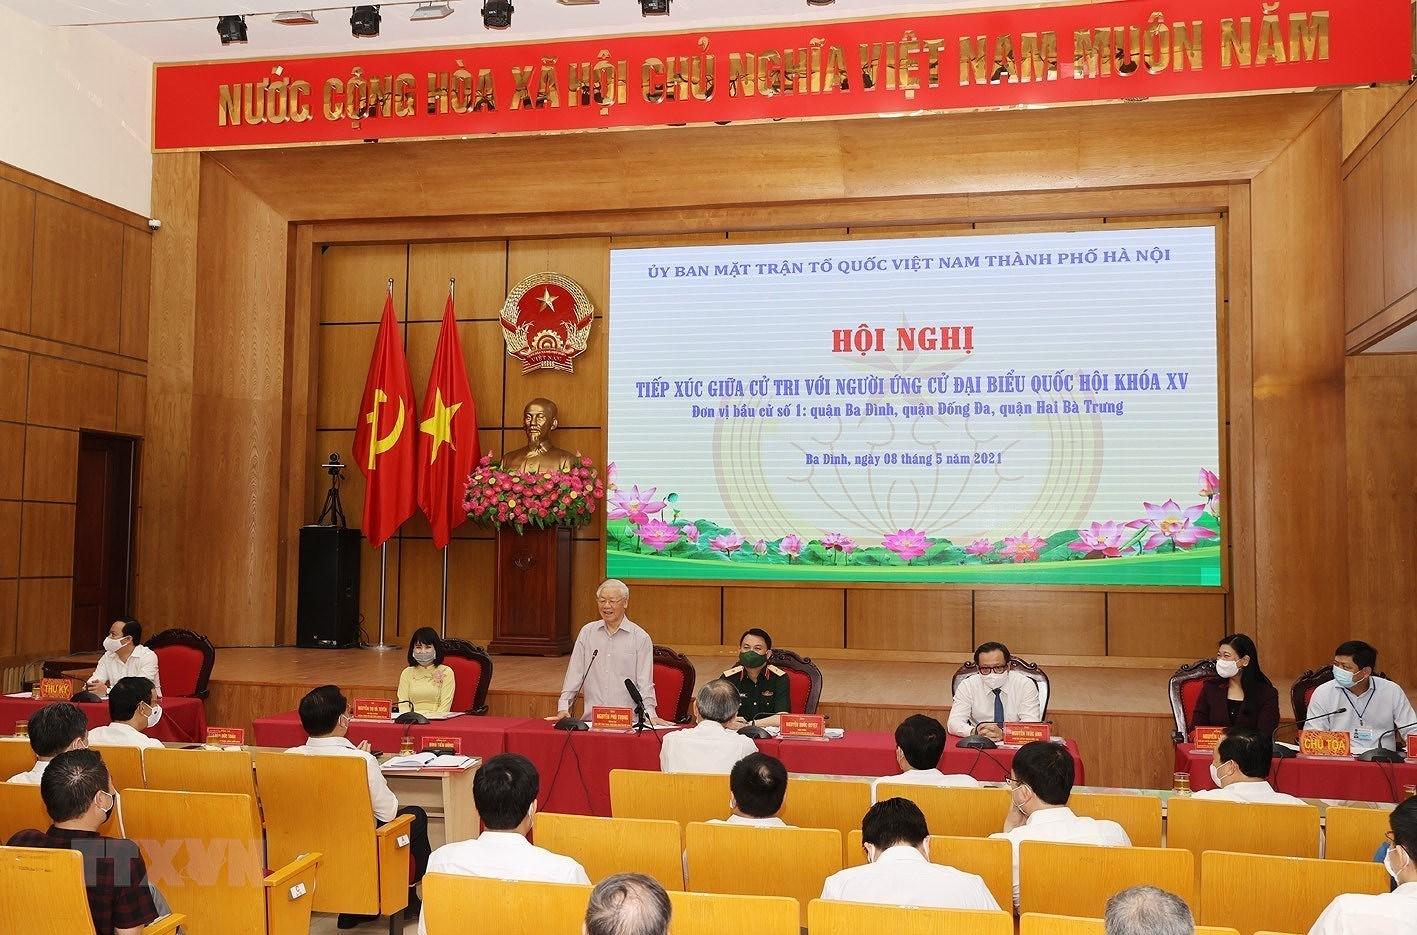 Tong Bi thu Nguyen Phu Trong tiep xuc cu tri, van dong bau cu o Ha Noi hinh anh 2